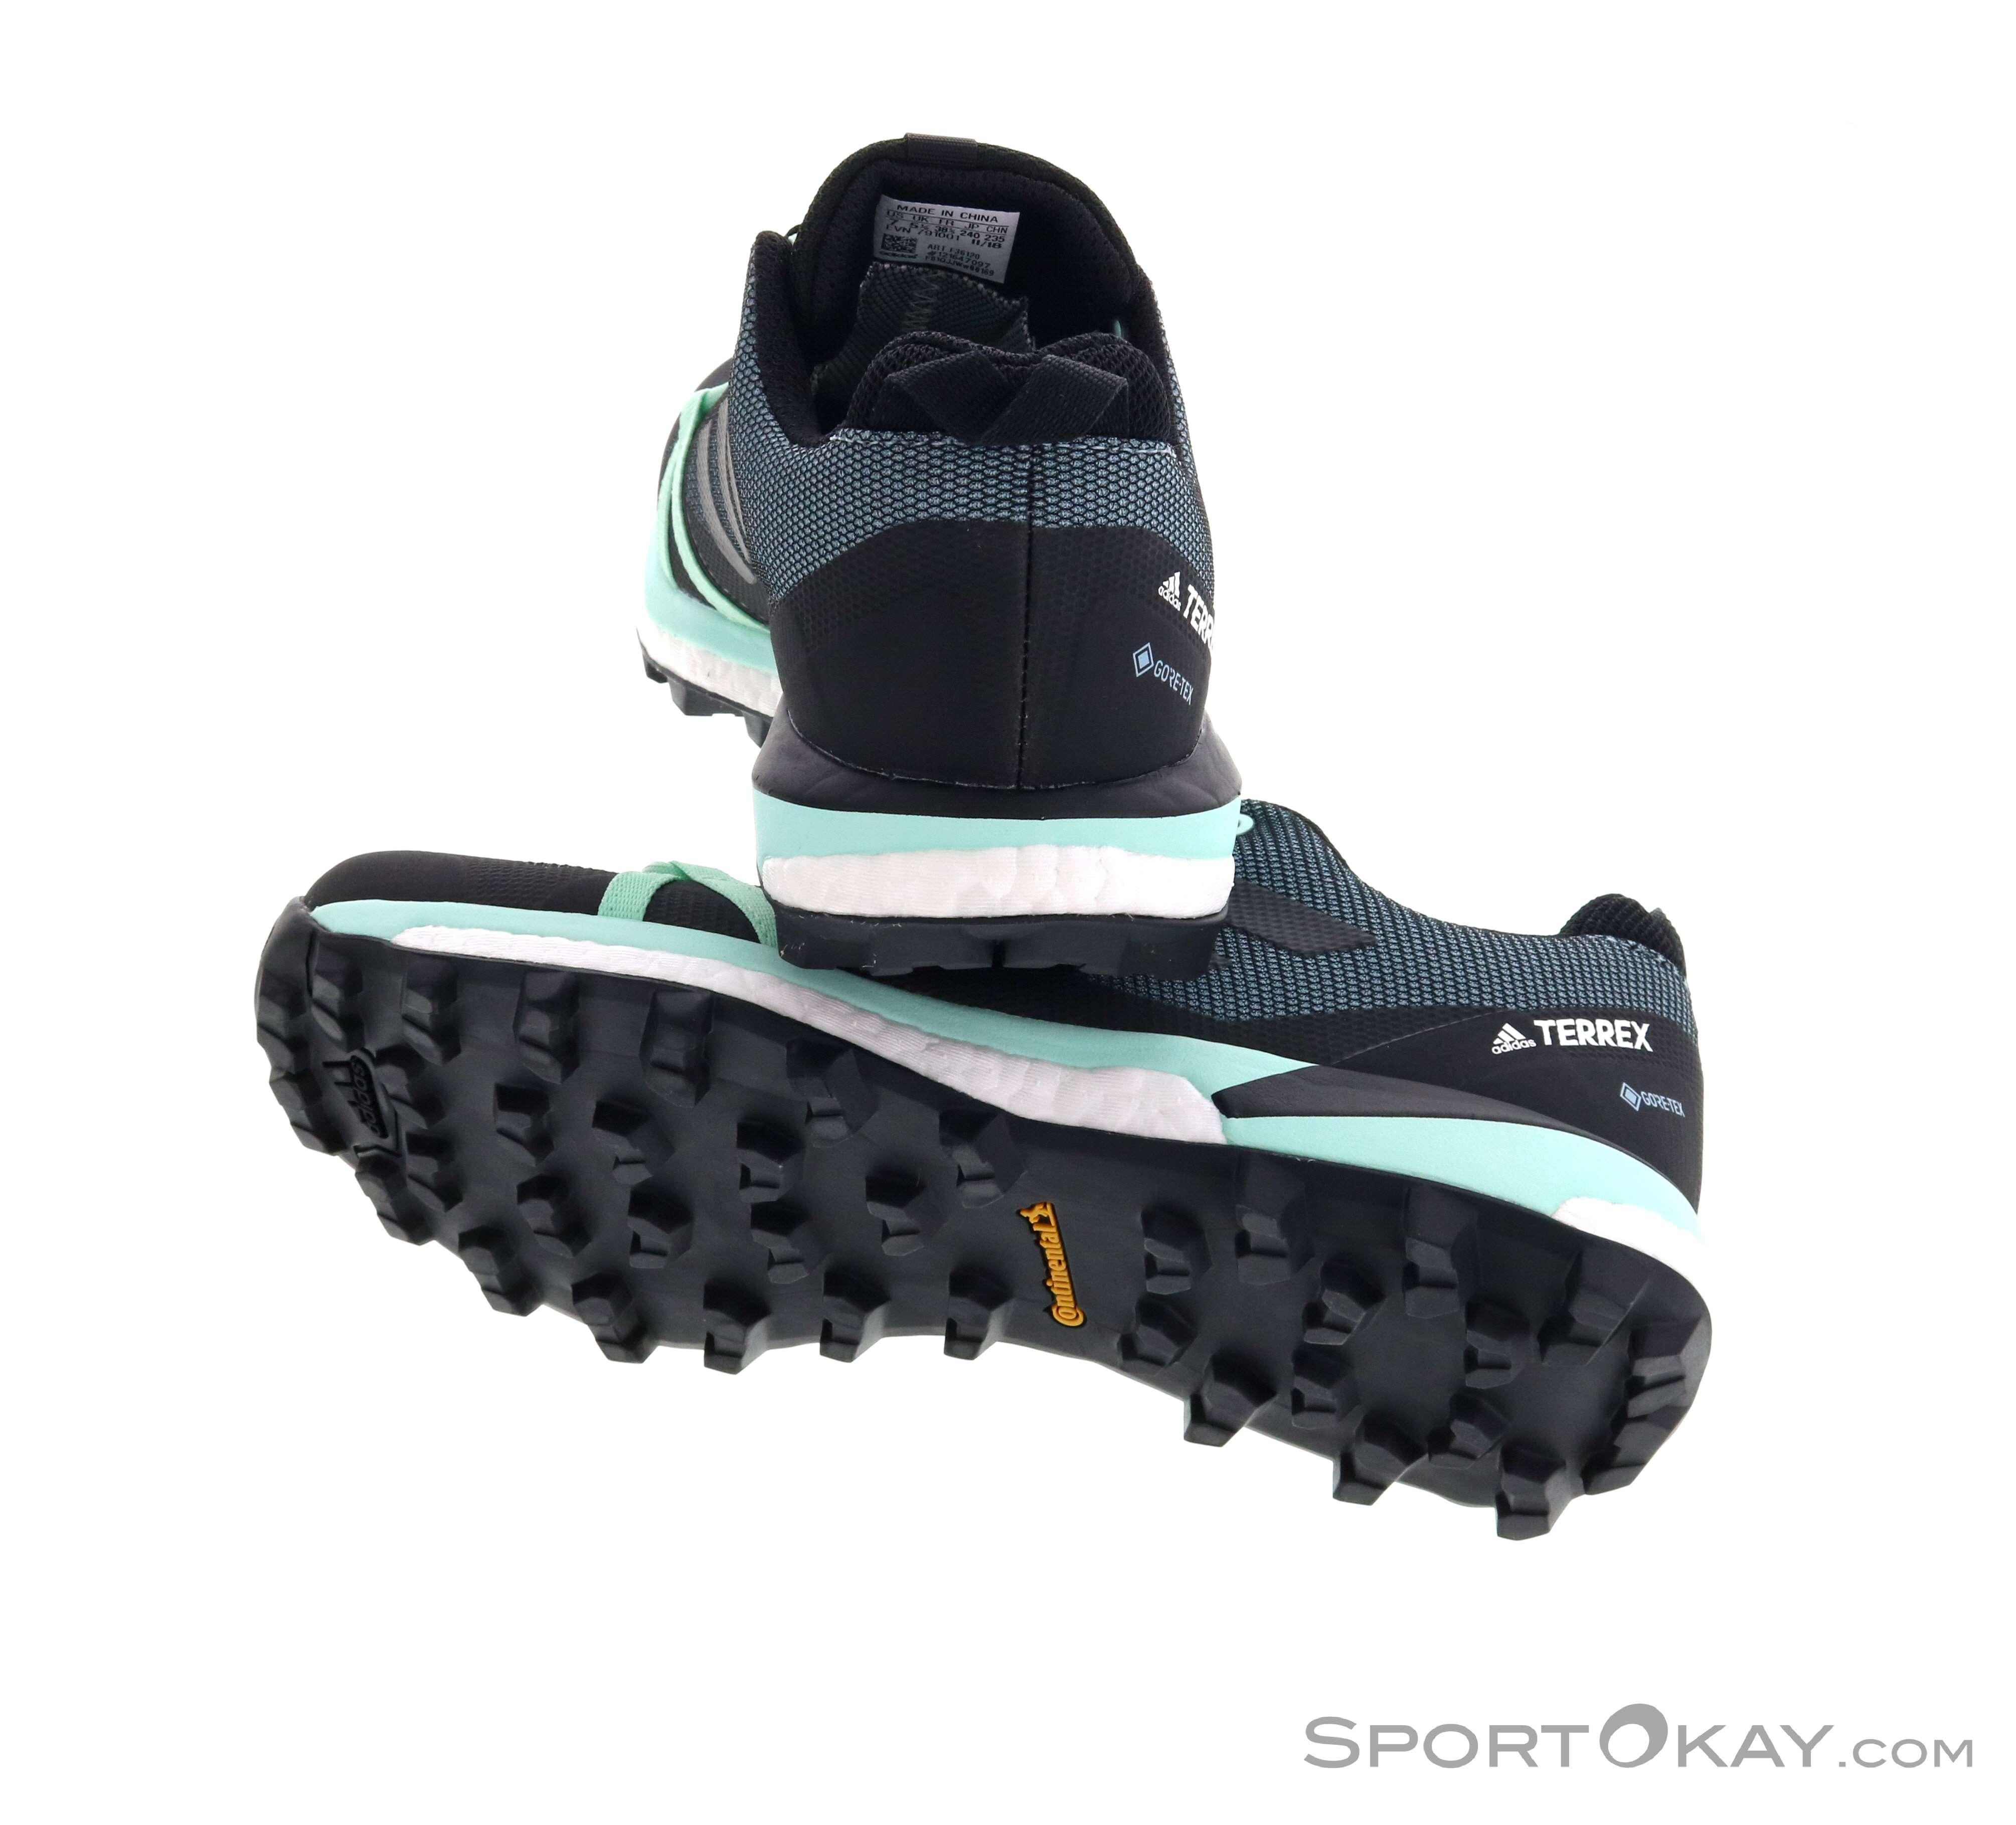 adidas Terrex Skychaser LT Donna Scarpe Trekking Gore Tex